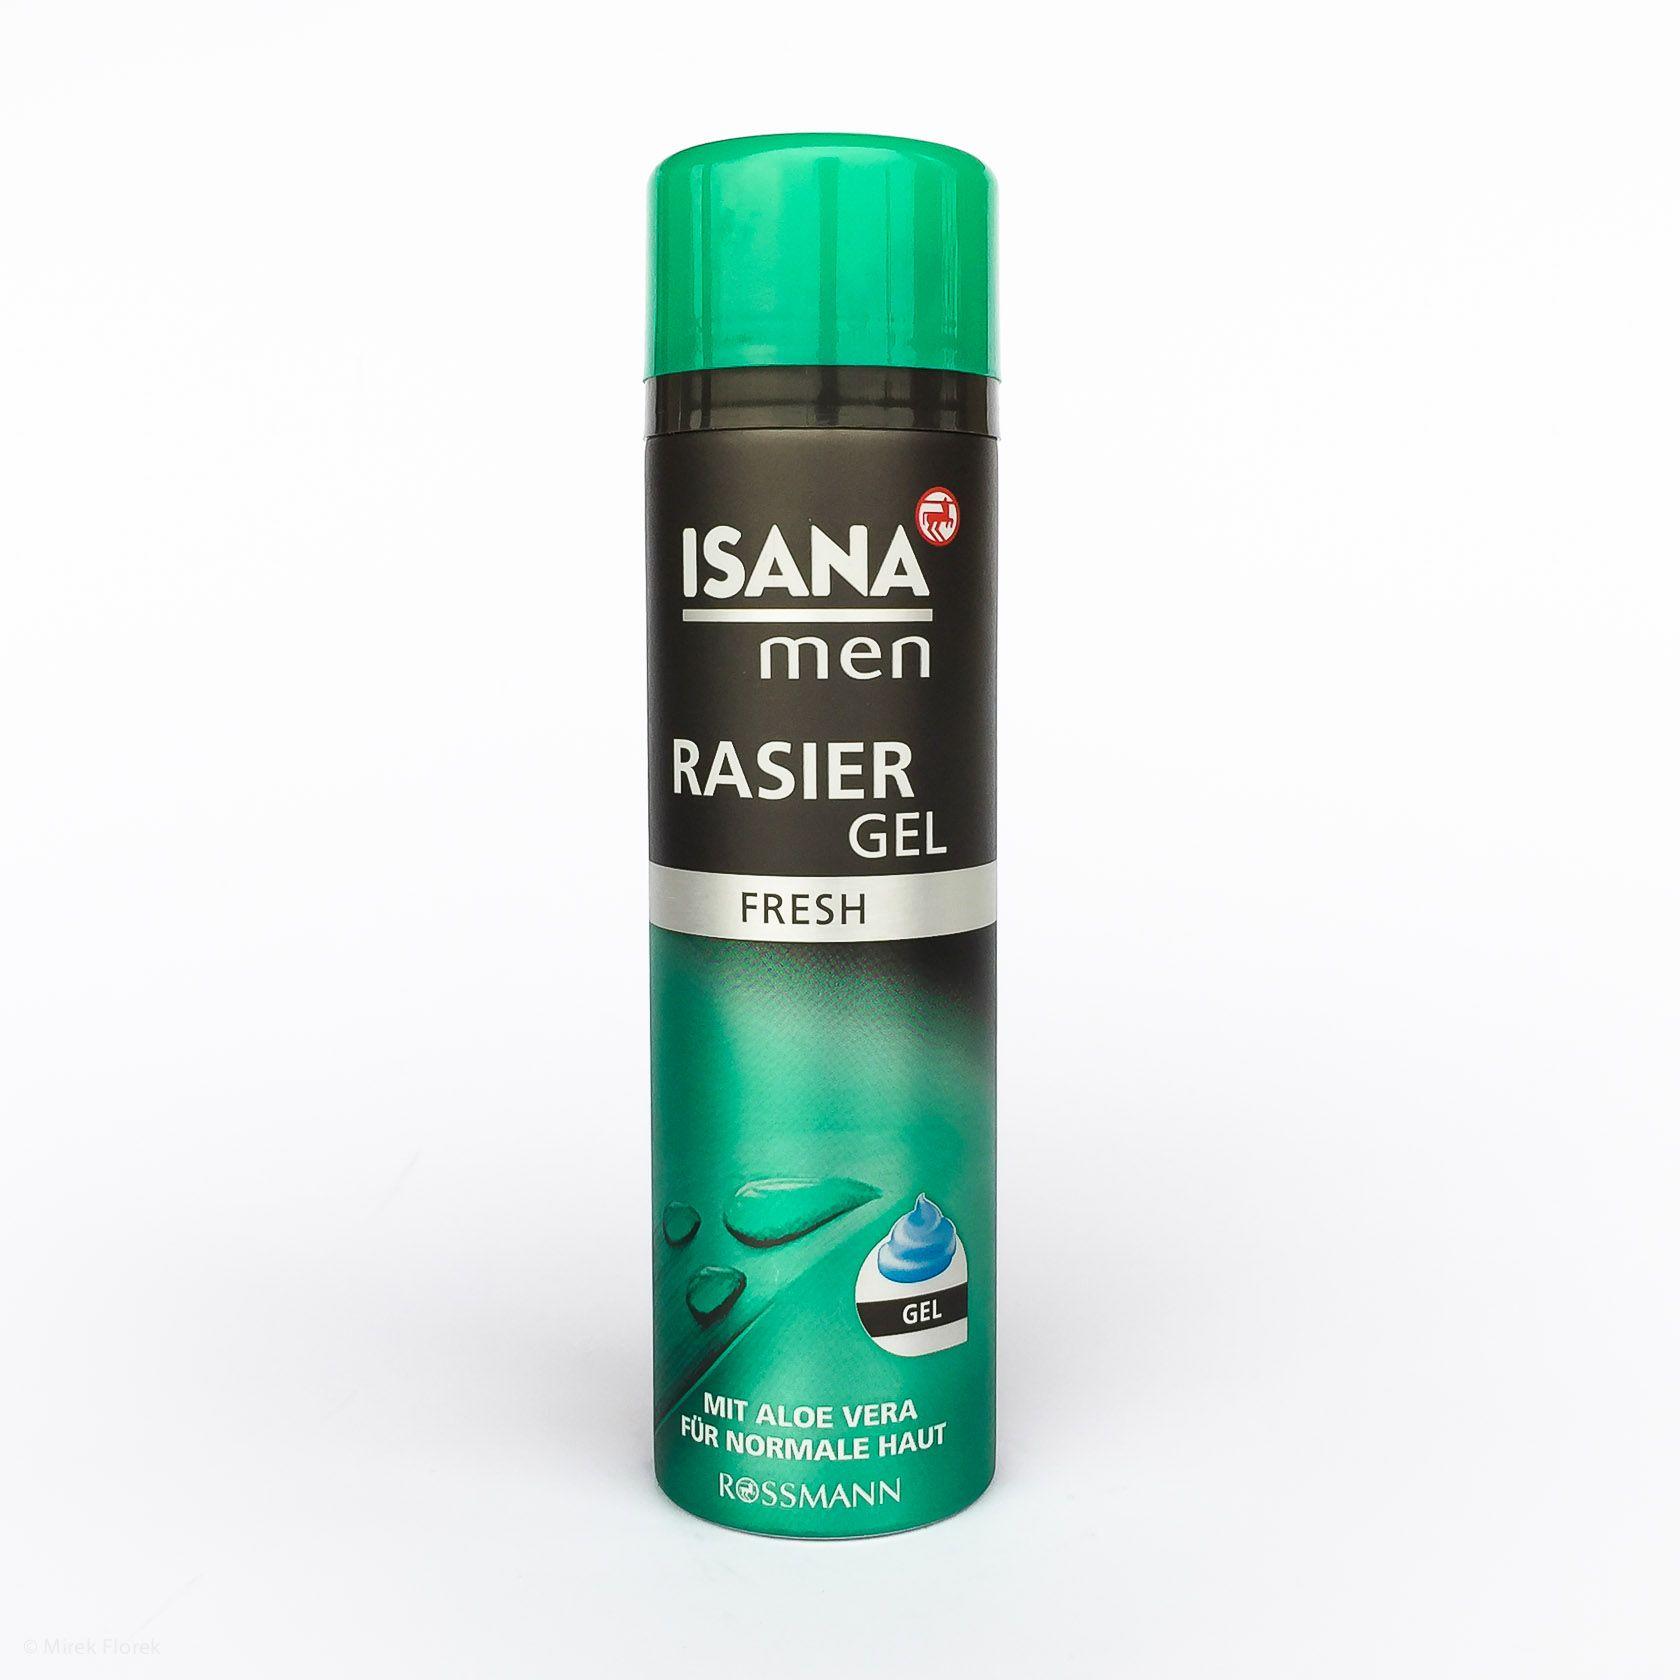 Żel do golenia ISANA men Rasier Gel Fresh mit Aloe Vera